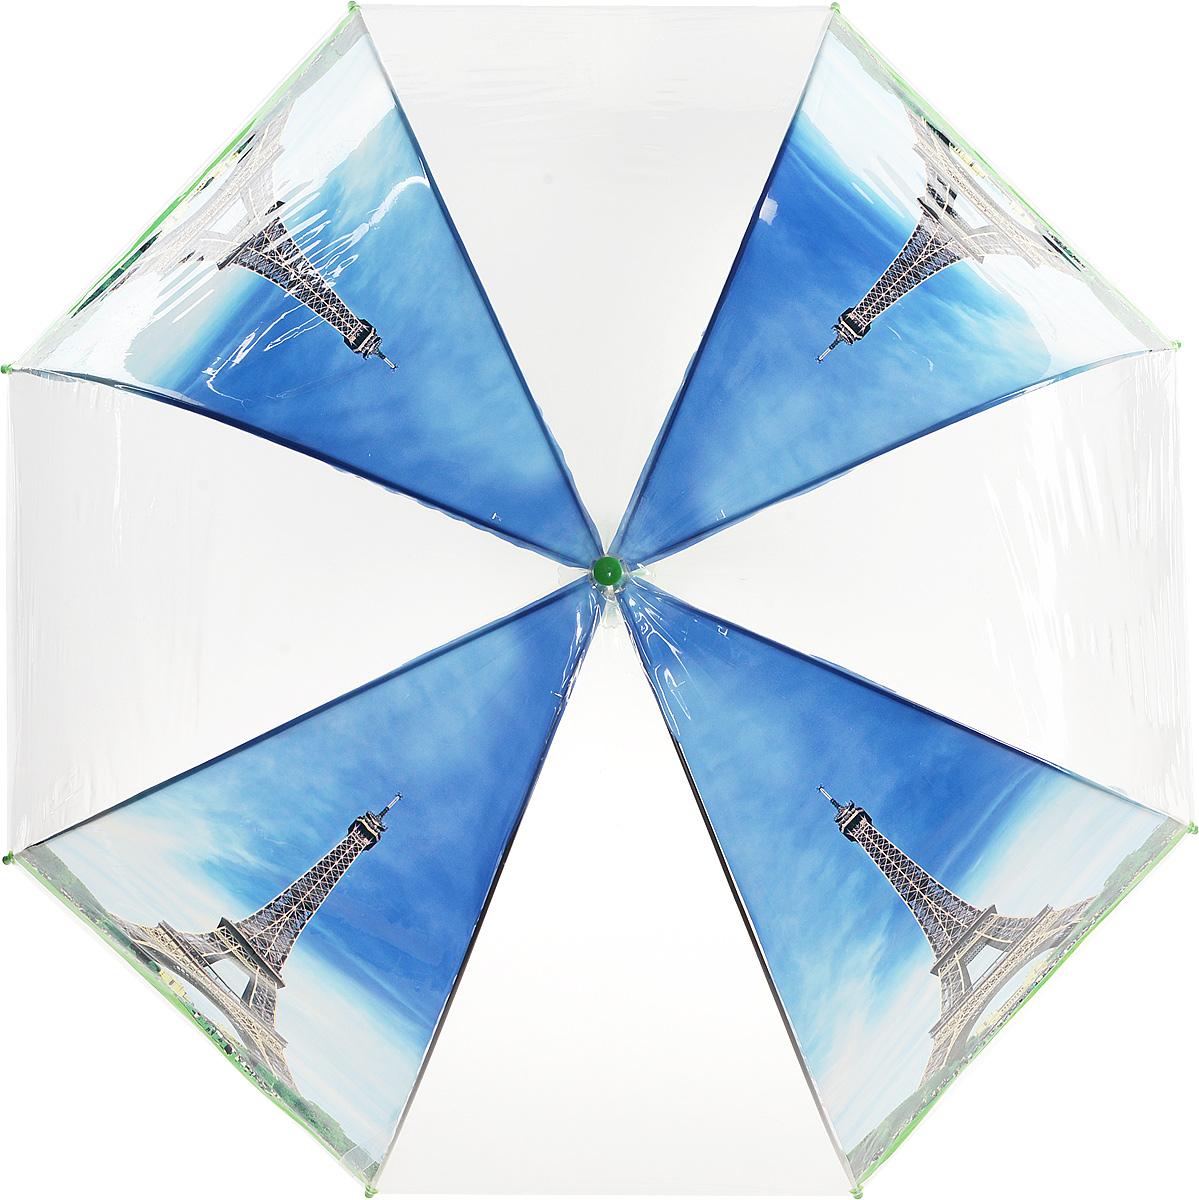 Зонт Kawaii Factory Paris Day, цвет: прозрачный, голубой, зеленый. KW042-000164KW042-000164Стильный прозрачный зонт-трость Paris Day от Kawaii Factory станет вам бесценным помощником в любую непогоду. Этому аксессуару не страшен ни проливной дождь, ни сильный ветер. Его главные преимущества - большой купол и прочная конструкция. Зонт состоит из стержня и 8 спиц, изготовленных из металла. Купол изготовлен из качественного ПВХ, который надежно защитит вас от дождя. Зонт дополнен удобной ручкой из пластика, которая выполнена в виде крючка. Также зонт имеет пластиковый наконечник, который устраняет попадание воды на стержень и уберегает зонт от повреждений. Изделие имеет полуавтоматический механизм сложения: купол открывается нажатием кнопки на ручке, а складывается вручную до характерного щелчка. Зонт закрывается хлястиком на кнопку. Яркий прозрачный зонт-трость Paris Day примечателен еще и стильным рисунком. На нем красуется известная всему миру парижская достопримечательность. С такой картиной затеряться в толпе просто невозможно.